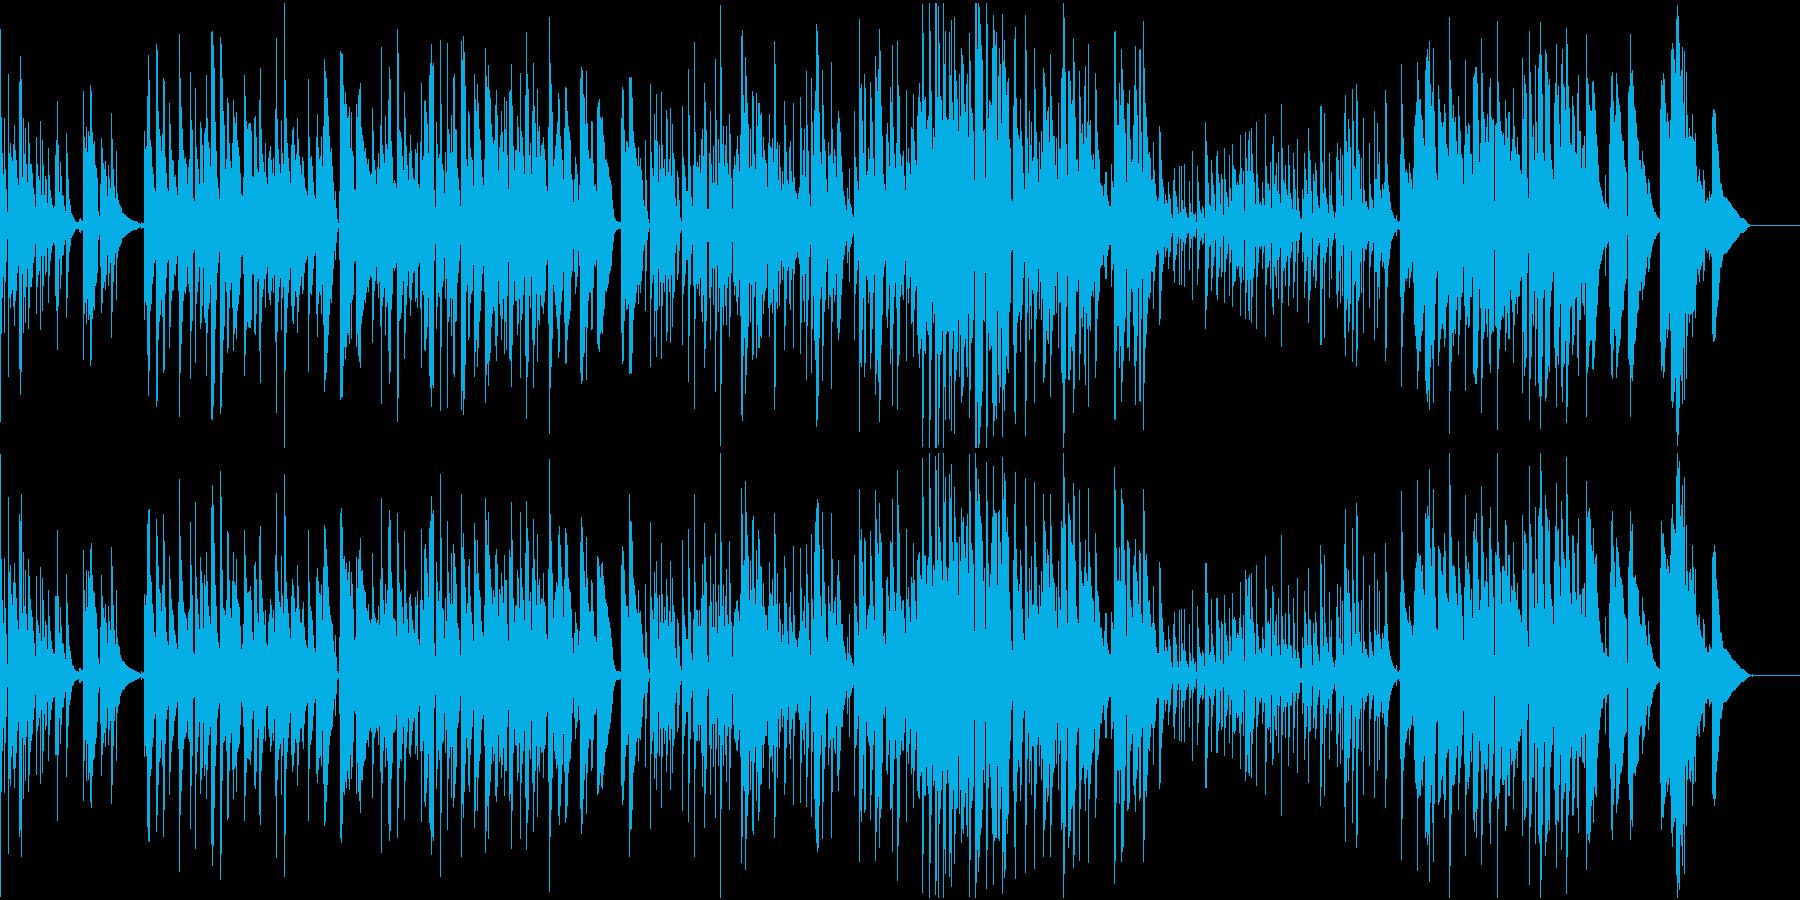 バリトンサックスとアコギのジャズワルツの再生済みの波形